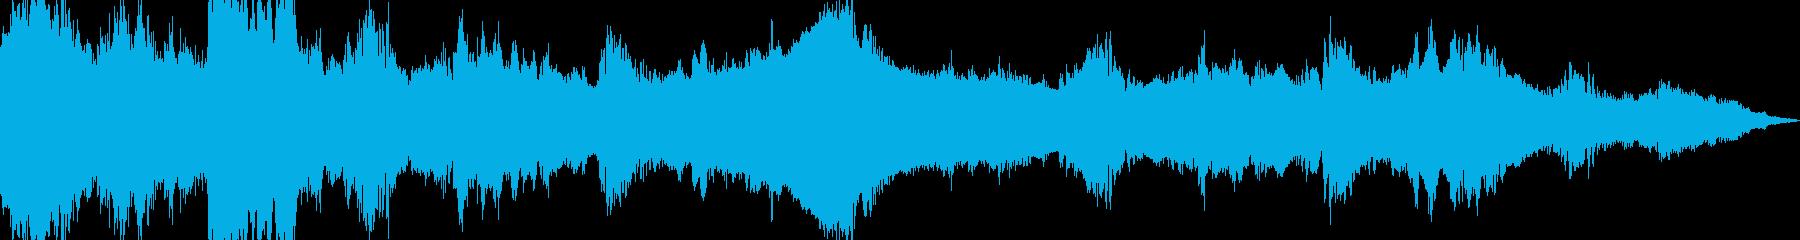 【シネマティックシリーズ】緊迫・不安の再生済みの波形